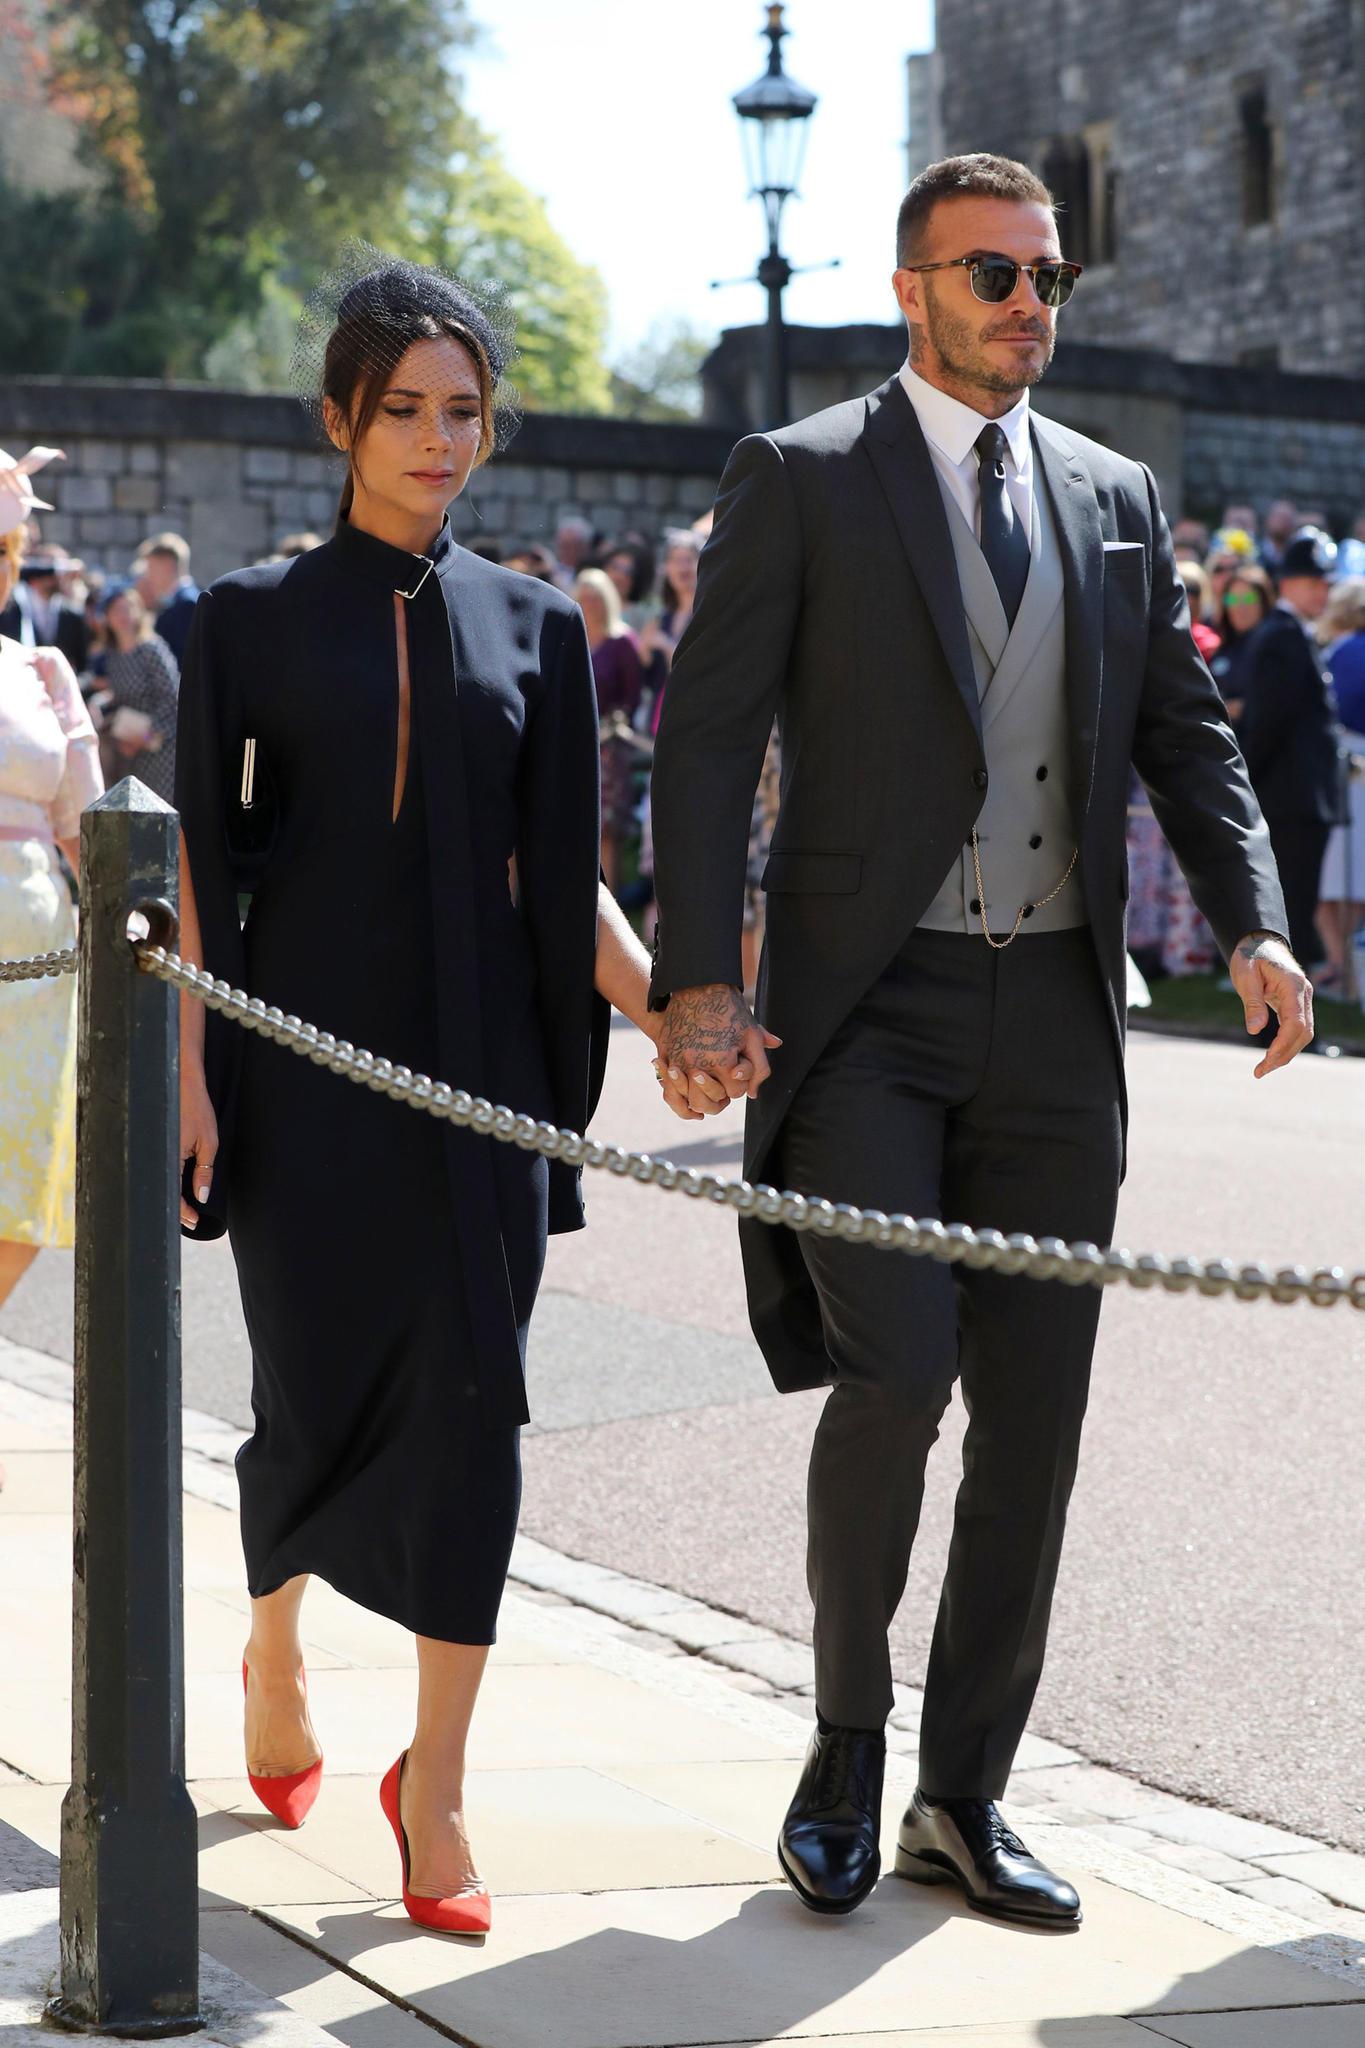 Wie schon 2011 bei der Hochzeit von William und Kate, so sind David und Victoria Beckham auch diesmal wieder unter den Gästen.